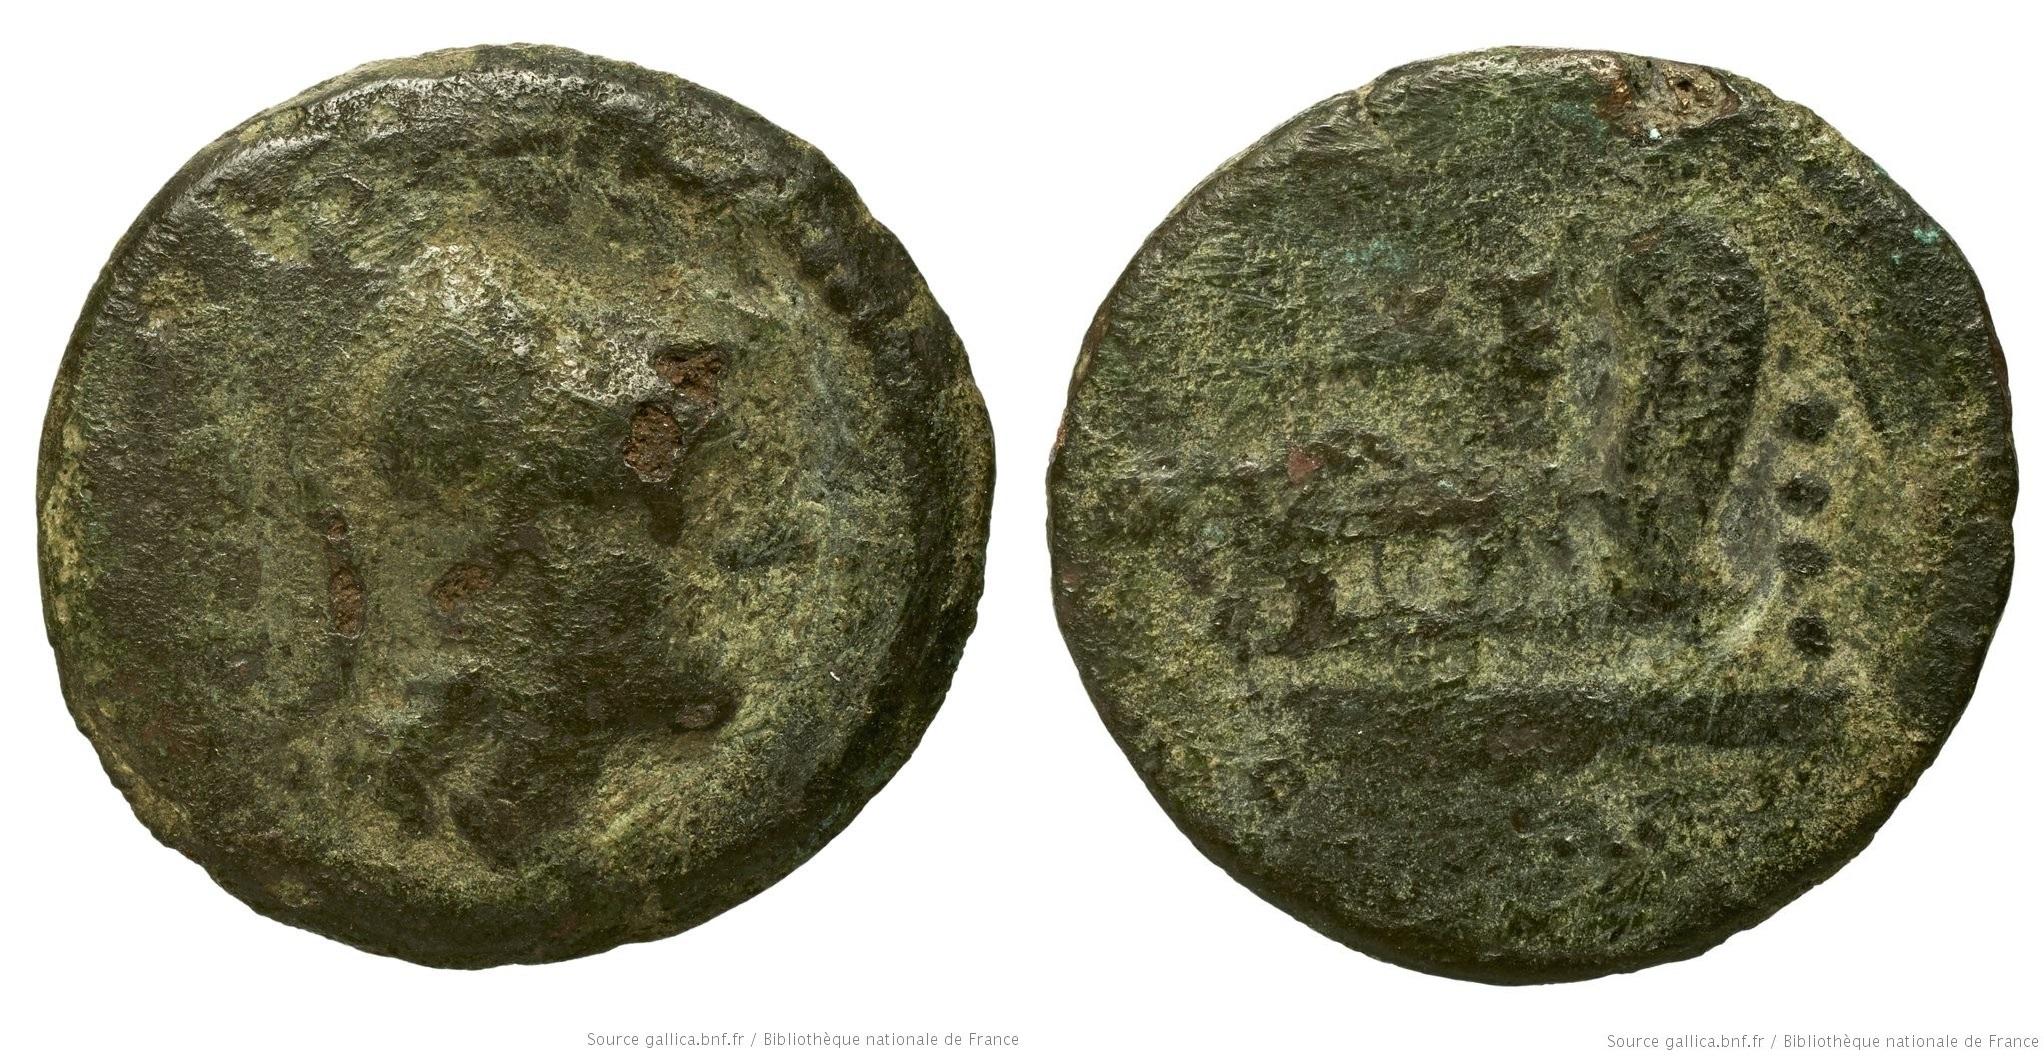 1000CA – Triens Caecilia – Quintus Cæcilius Metellus